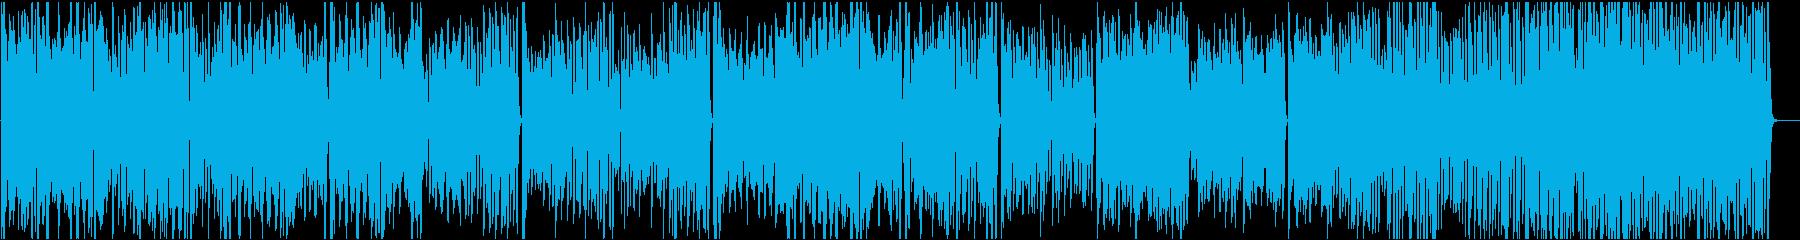 ピアノ名曲ジョプリン コロコロかわいい曲の再生済みの波形